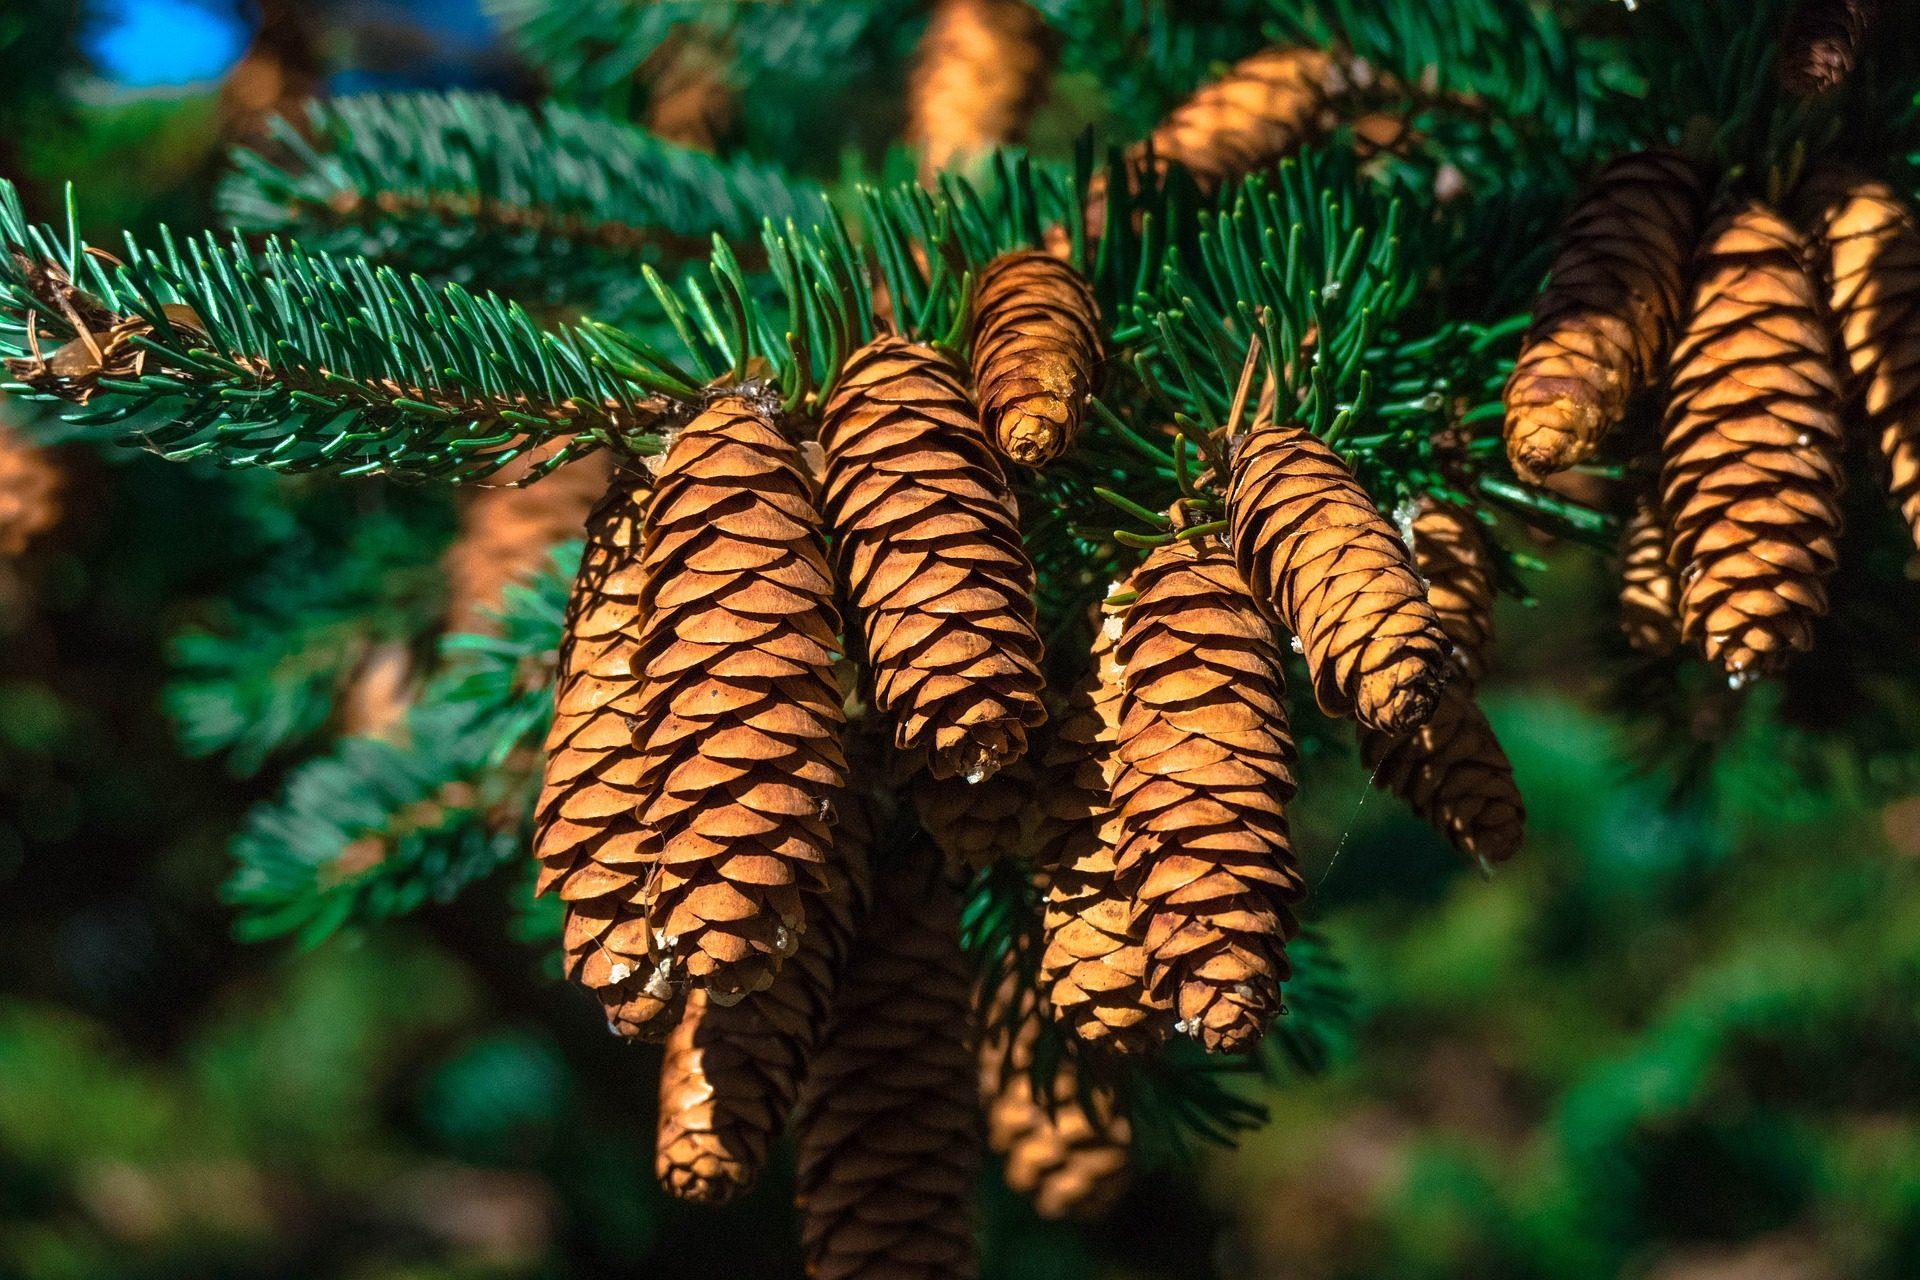 باين, الأناناس, صنوبر, النباتات, الأشجار - خلفيات عالية الدقة - أستاذ falken.com